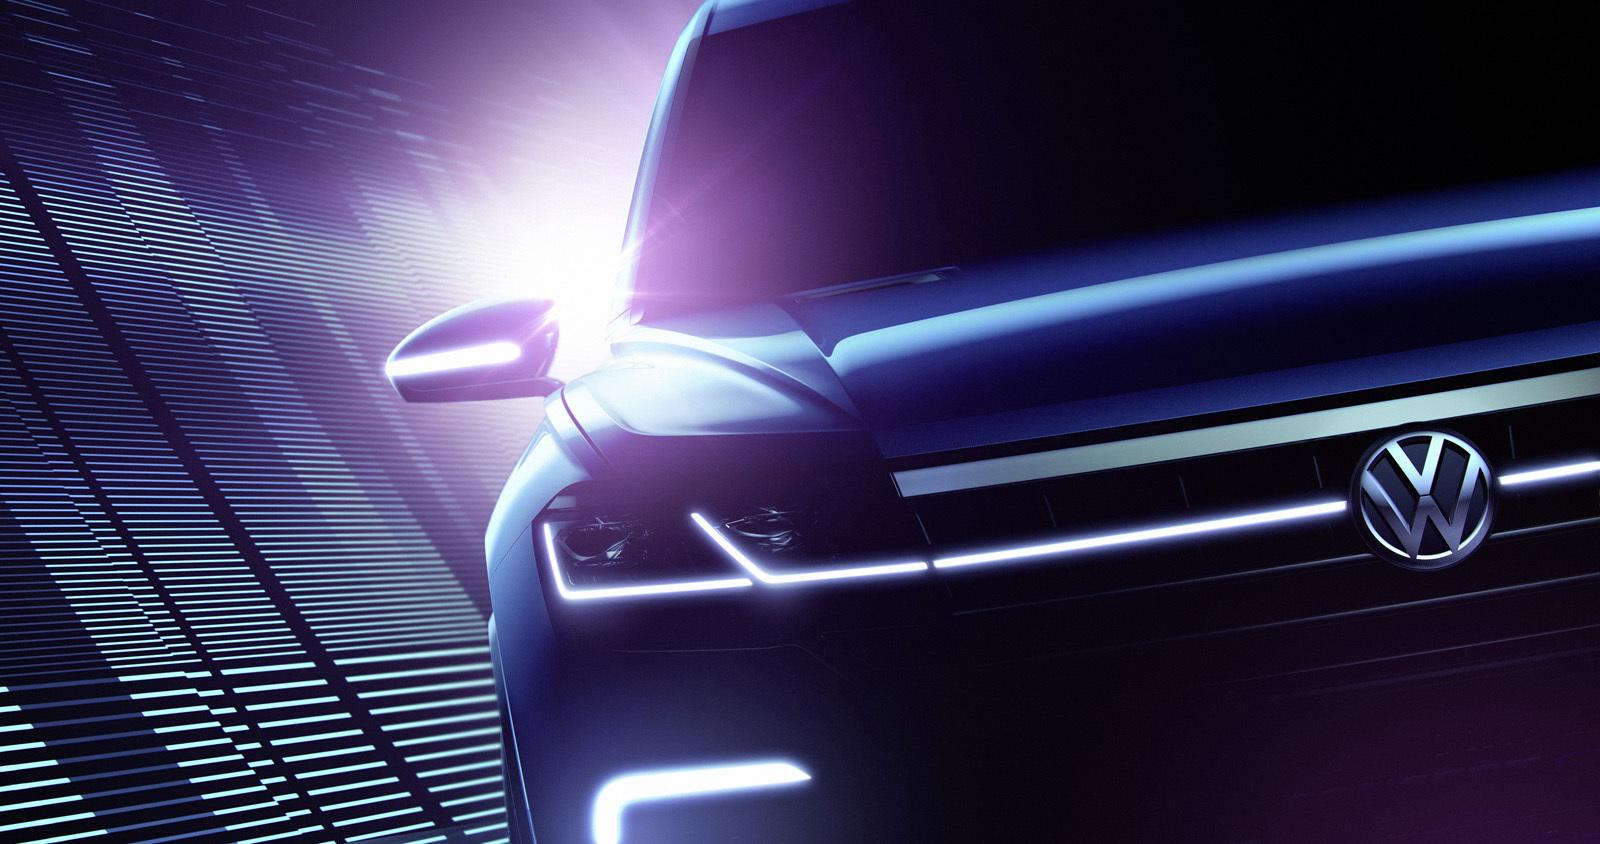 Foto de Volkswagen SUV Concept Salón de Pekín 2016 (2/4)